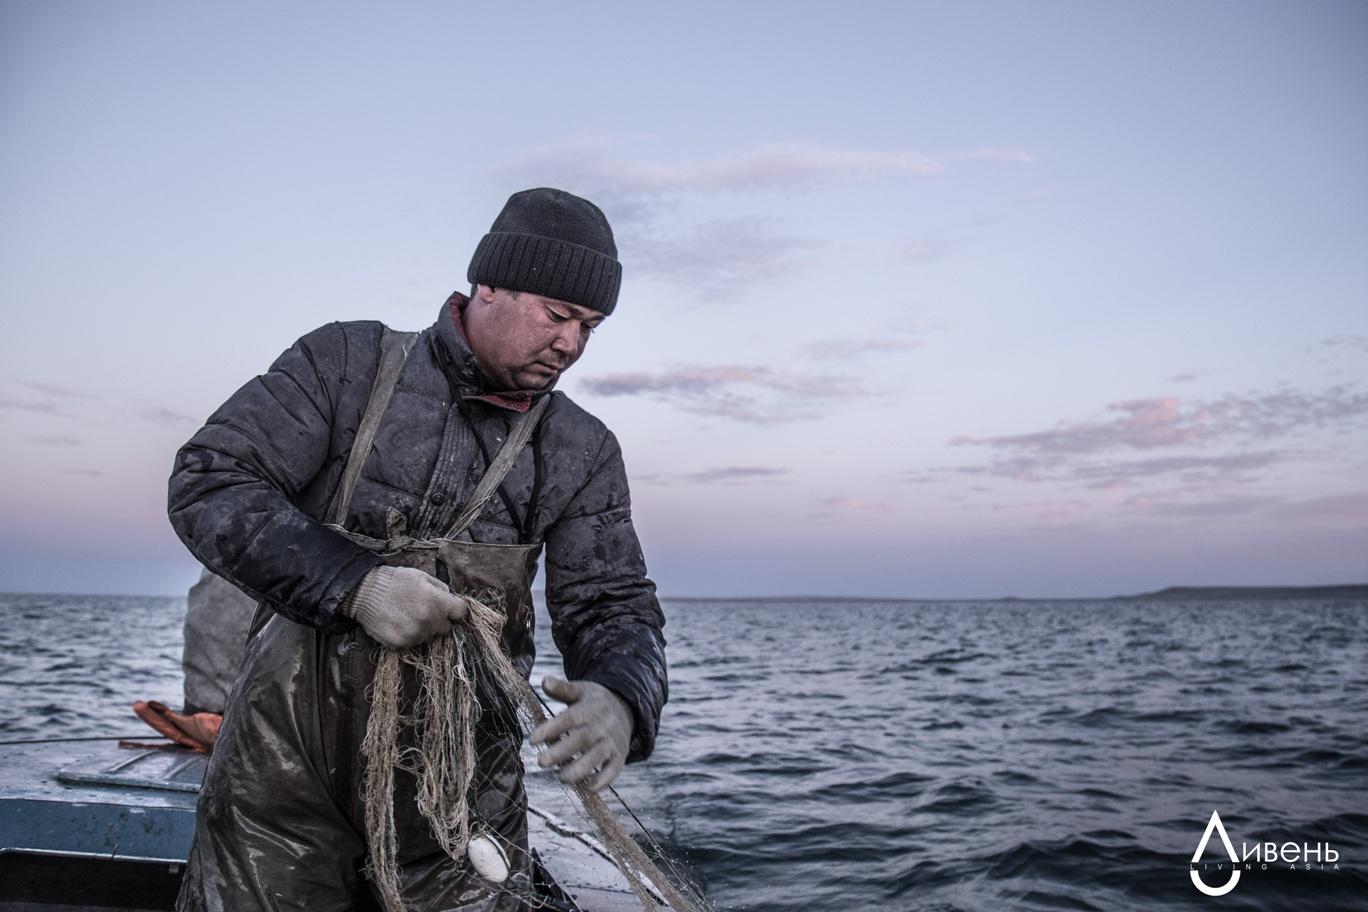 Un pêcheur sur la mer d'Aral